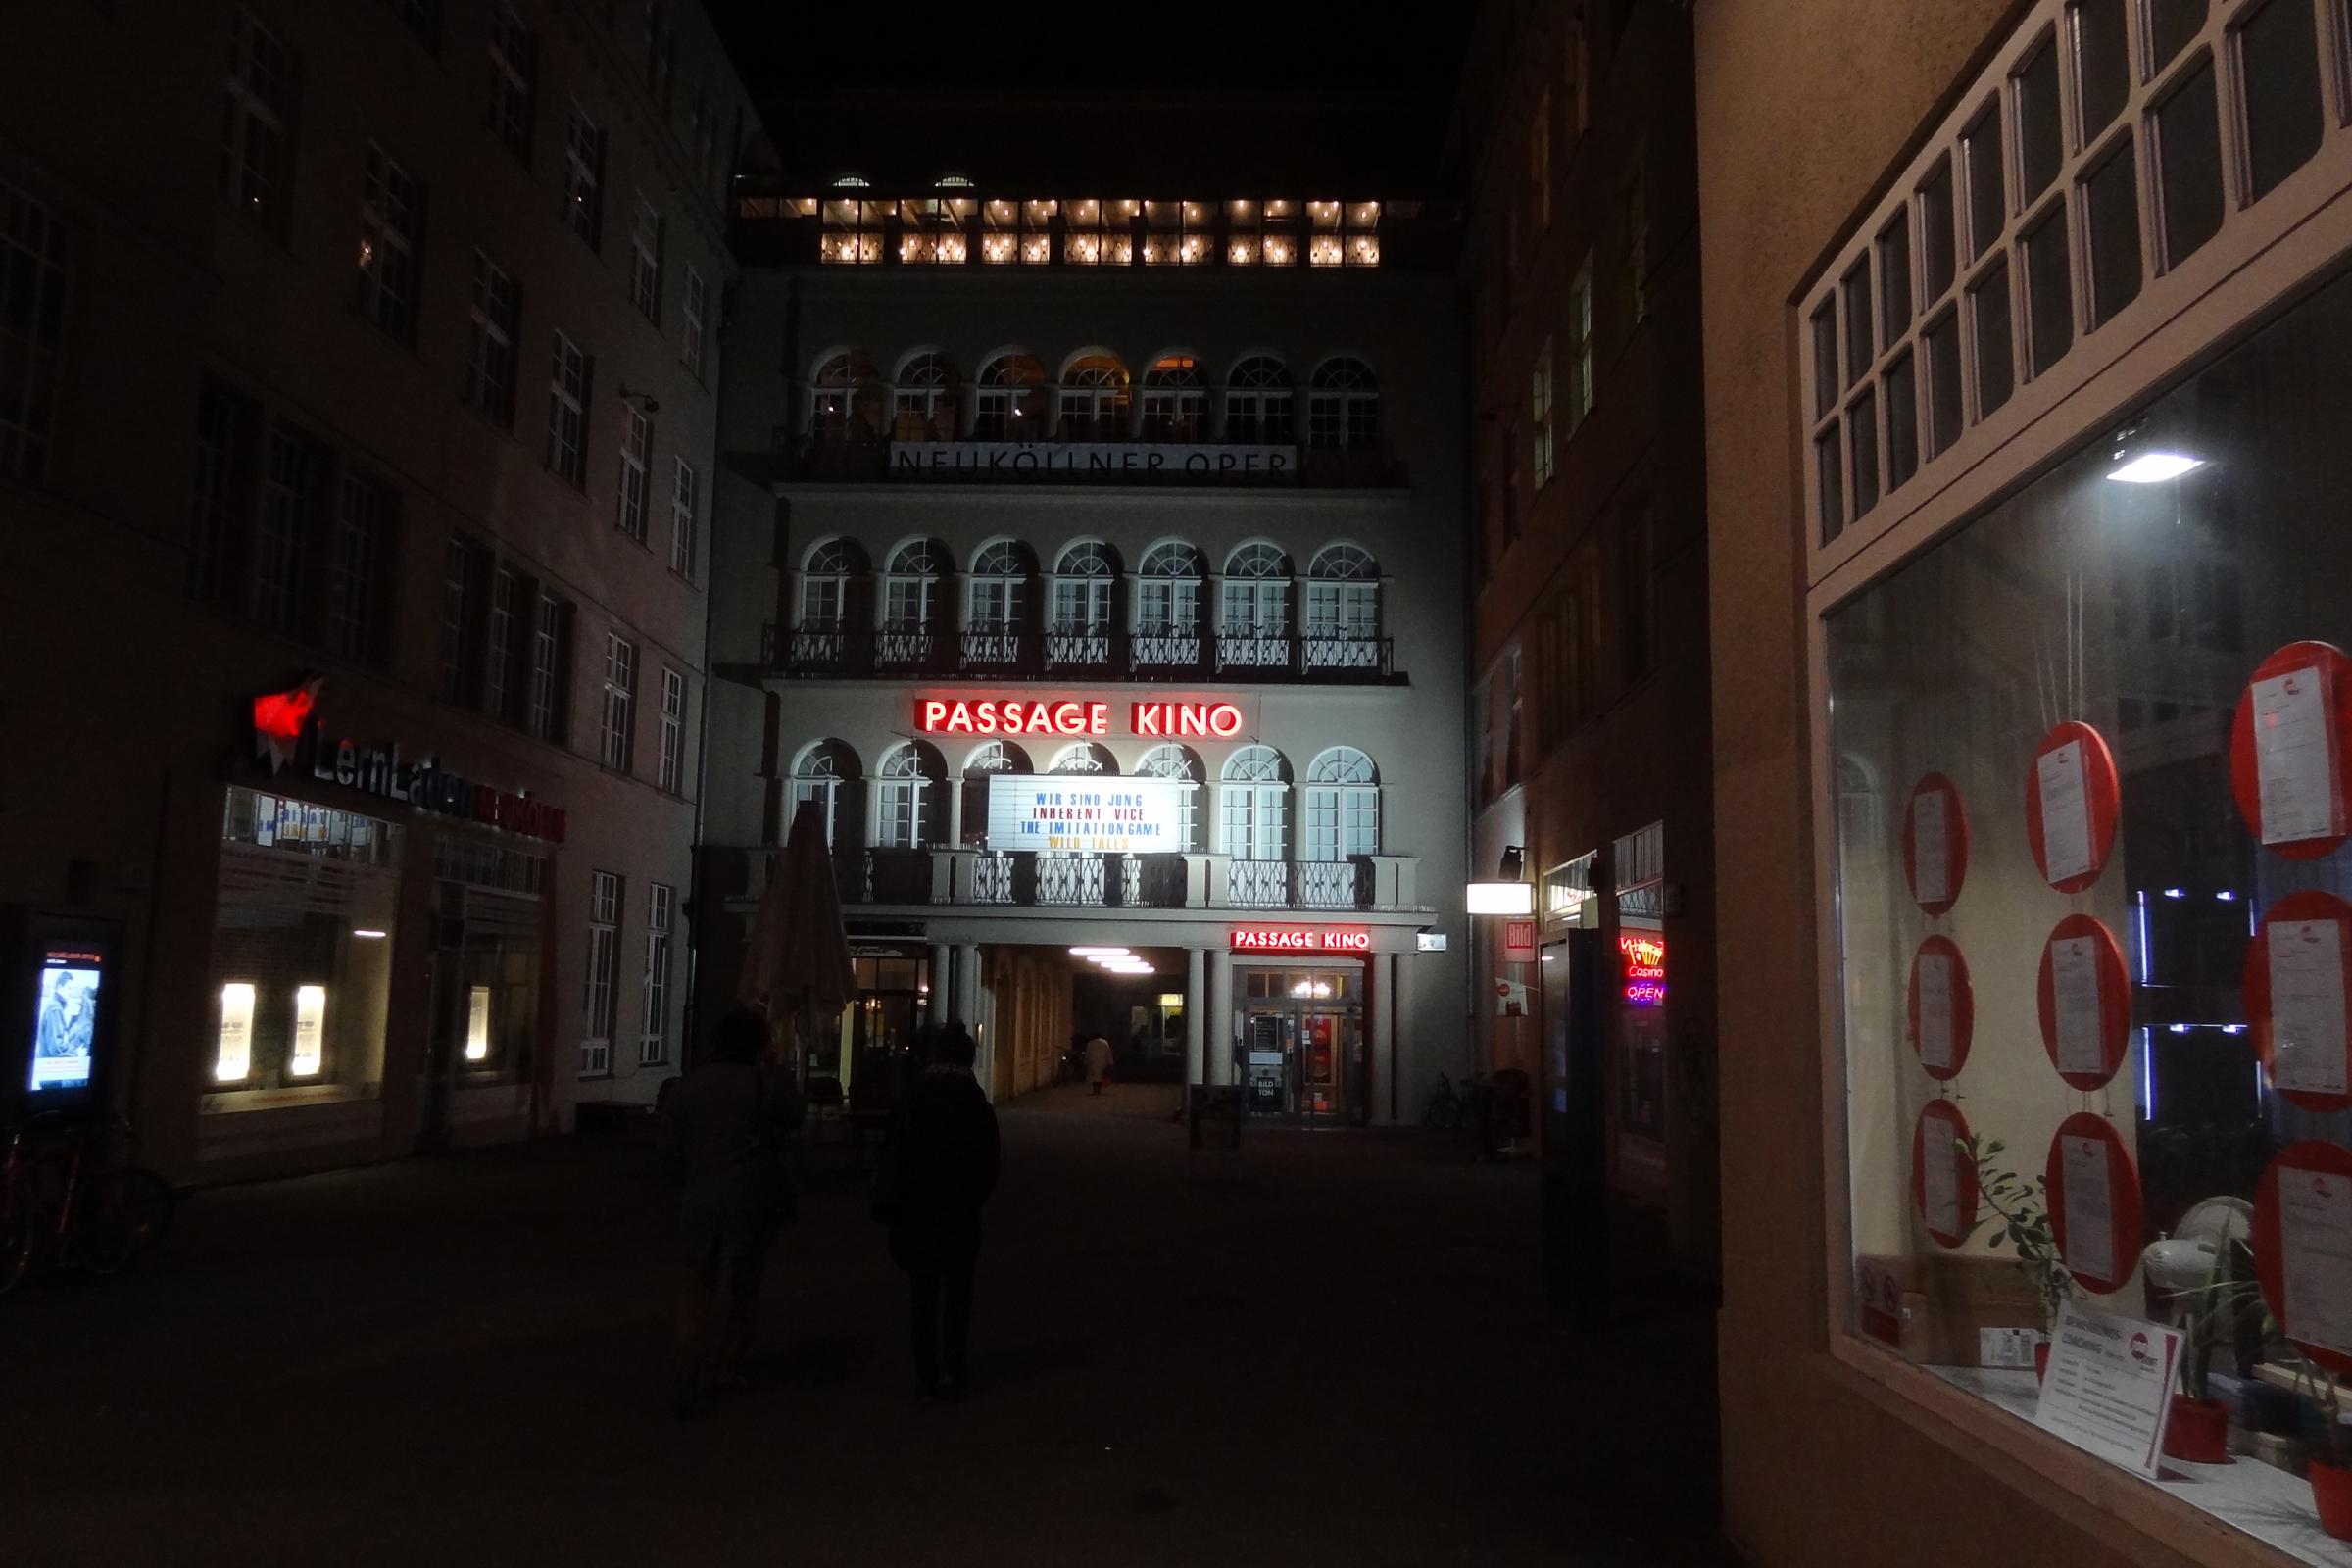 Passage Kino Neukölln